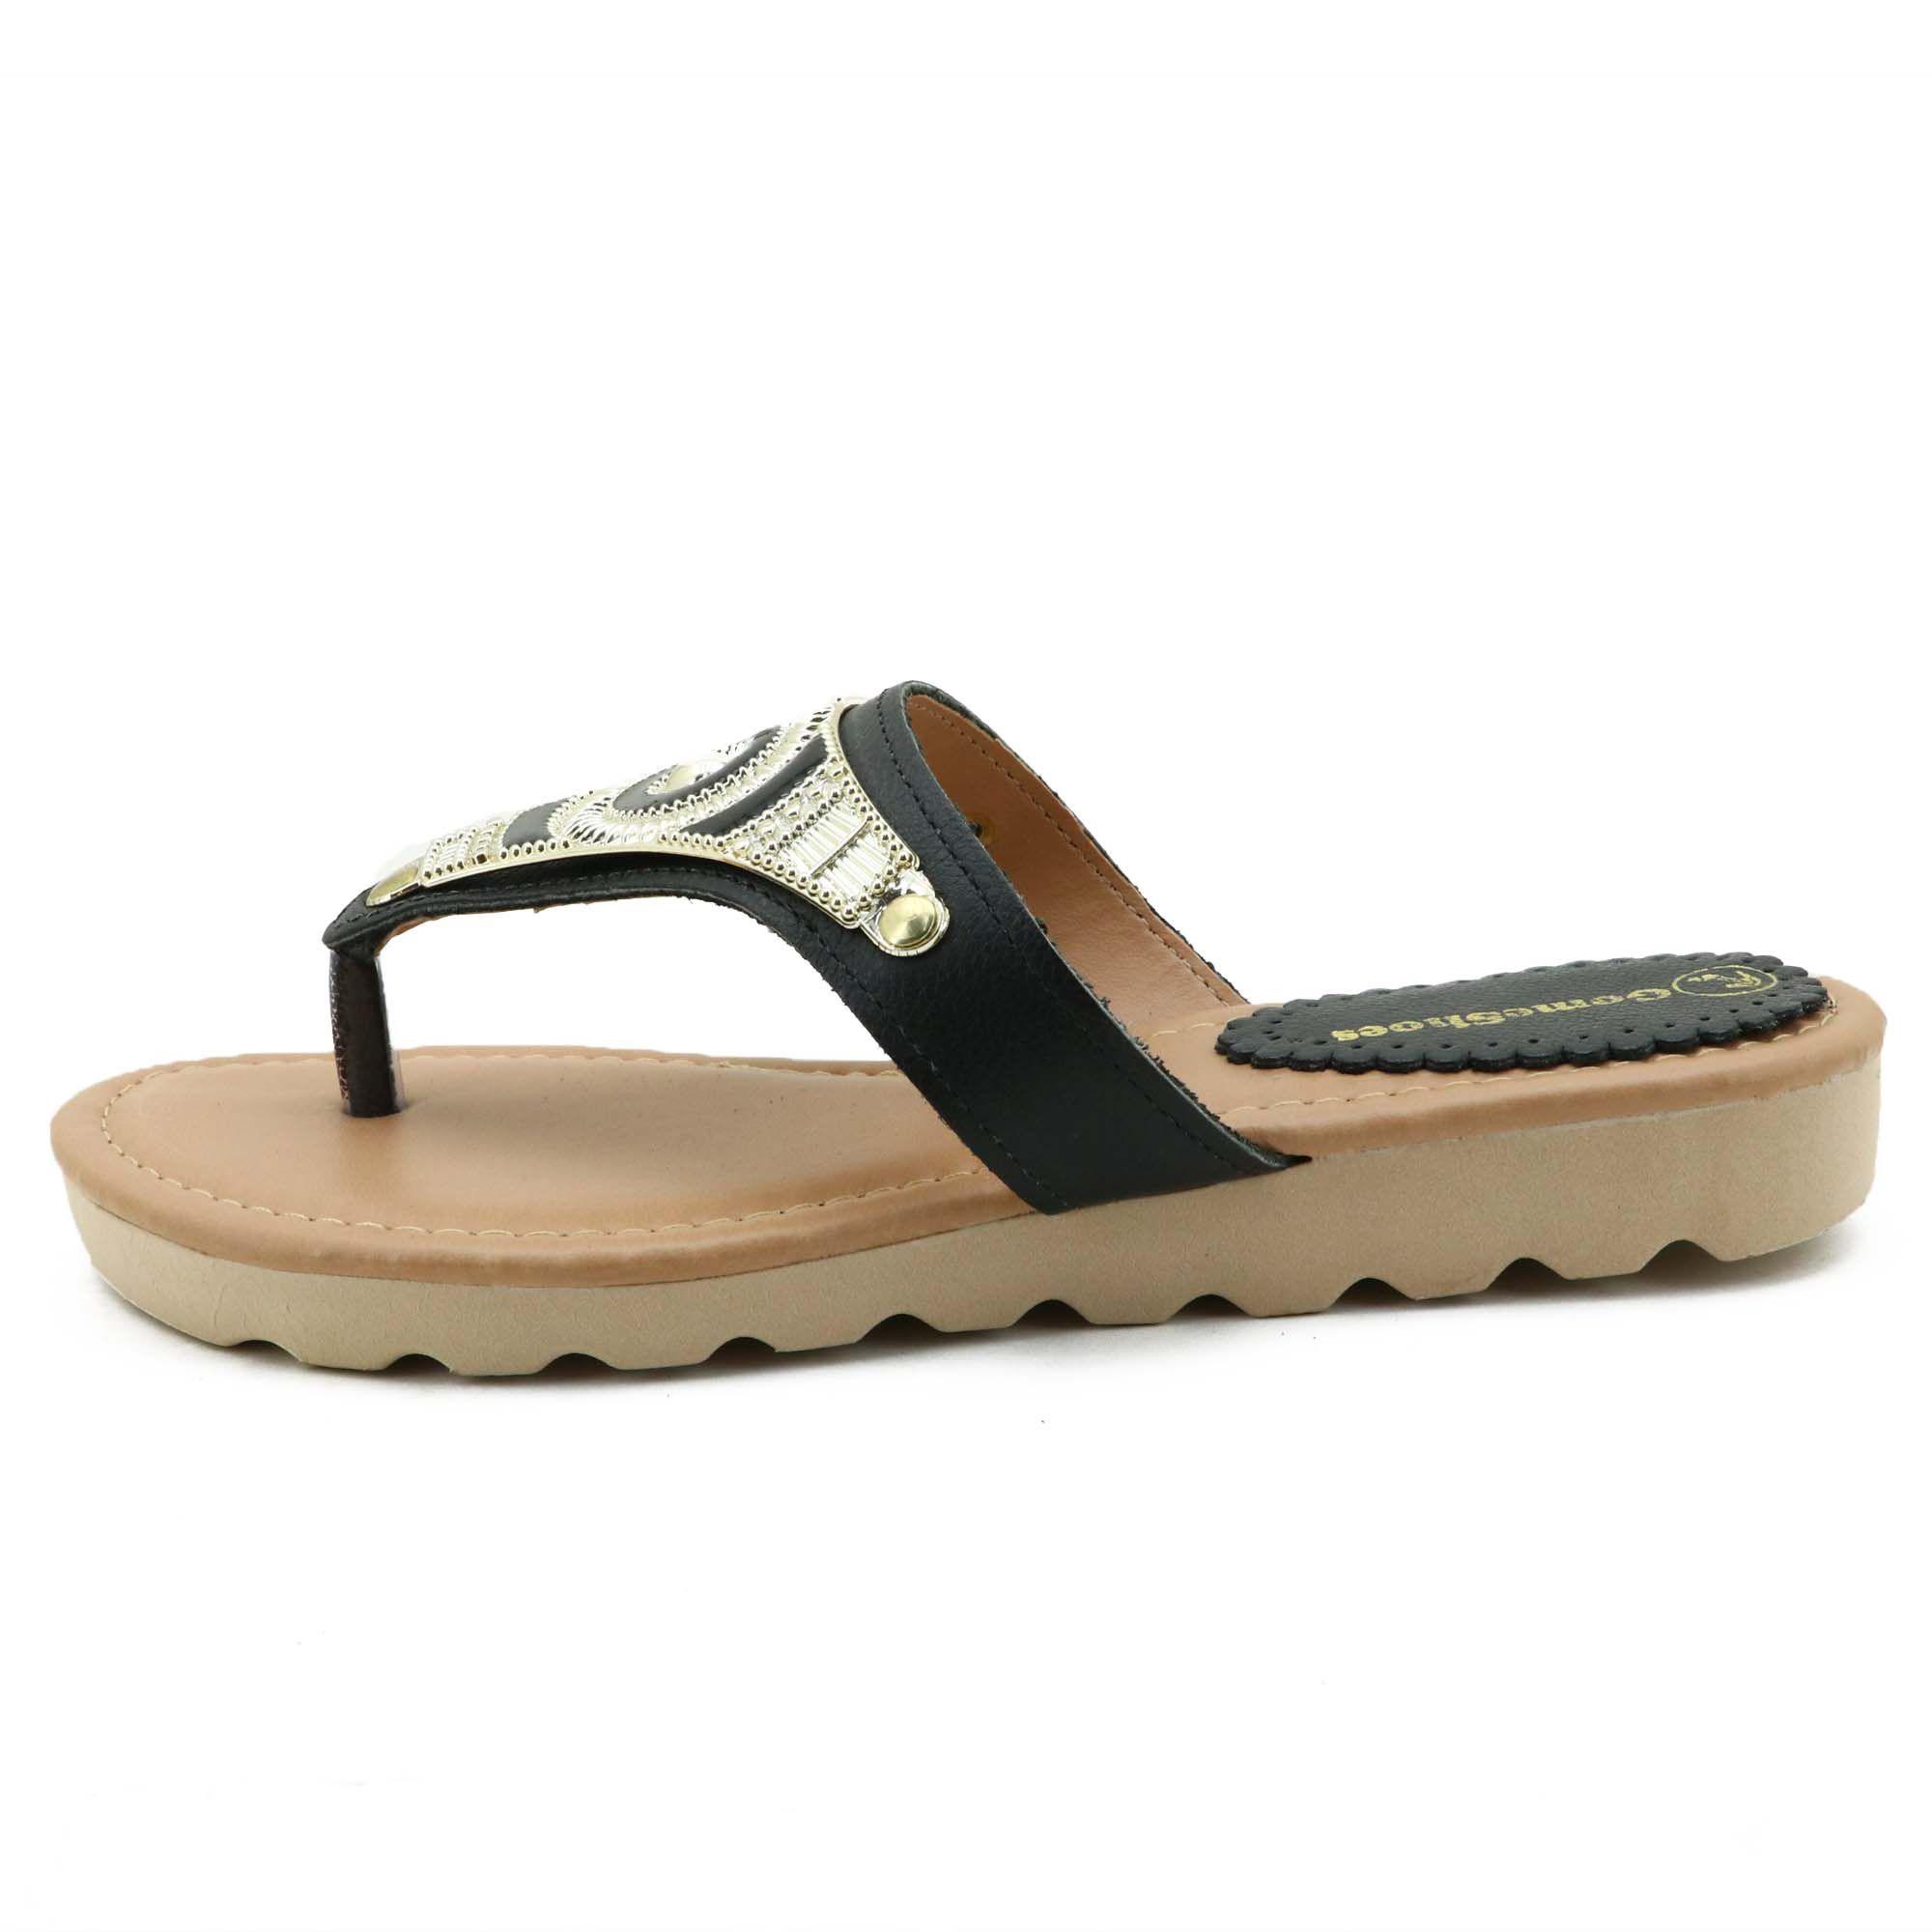 Sandália preta de dedo feminina em couro legítimo com pedras e metais 05